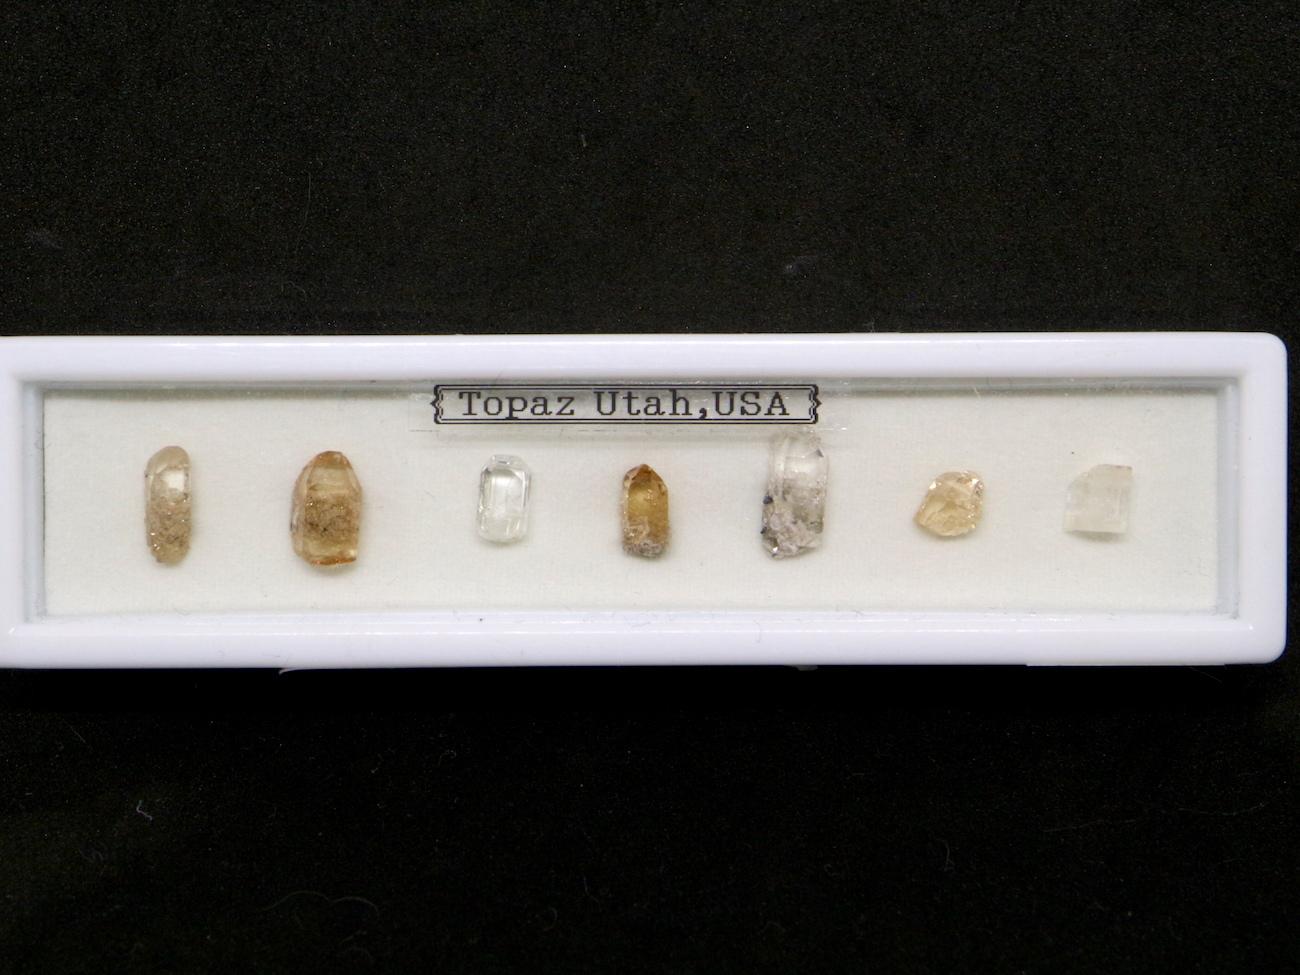 【鉱物標本セット】トパーズ ユタ州産 ラクタングル#1 原石 宝石 天然石 TZ036 鉱物セット